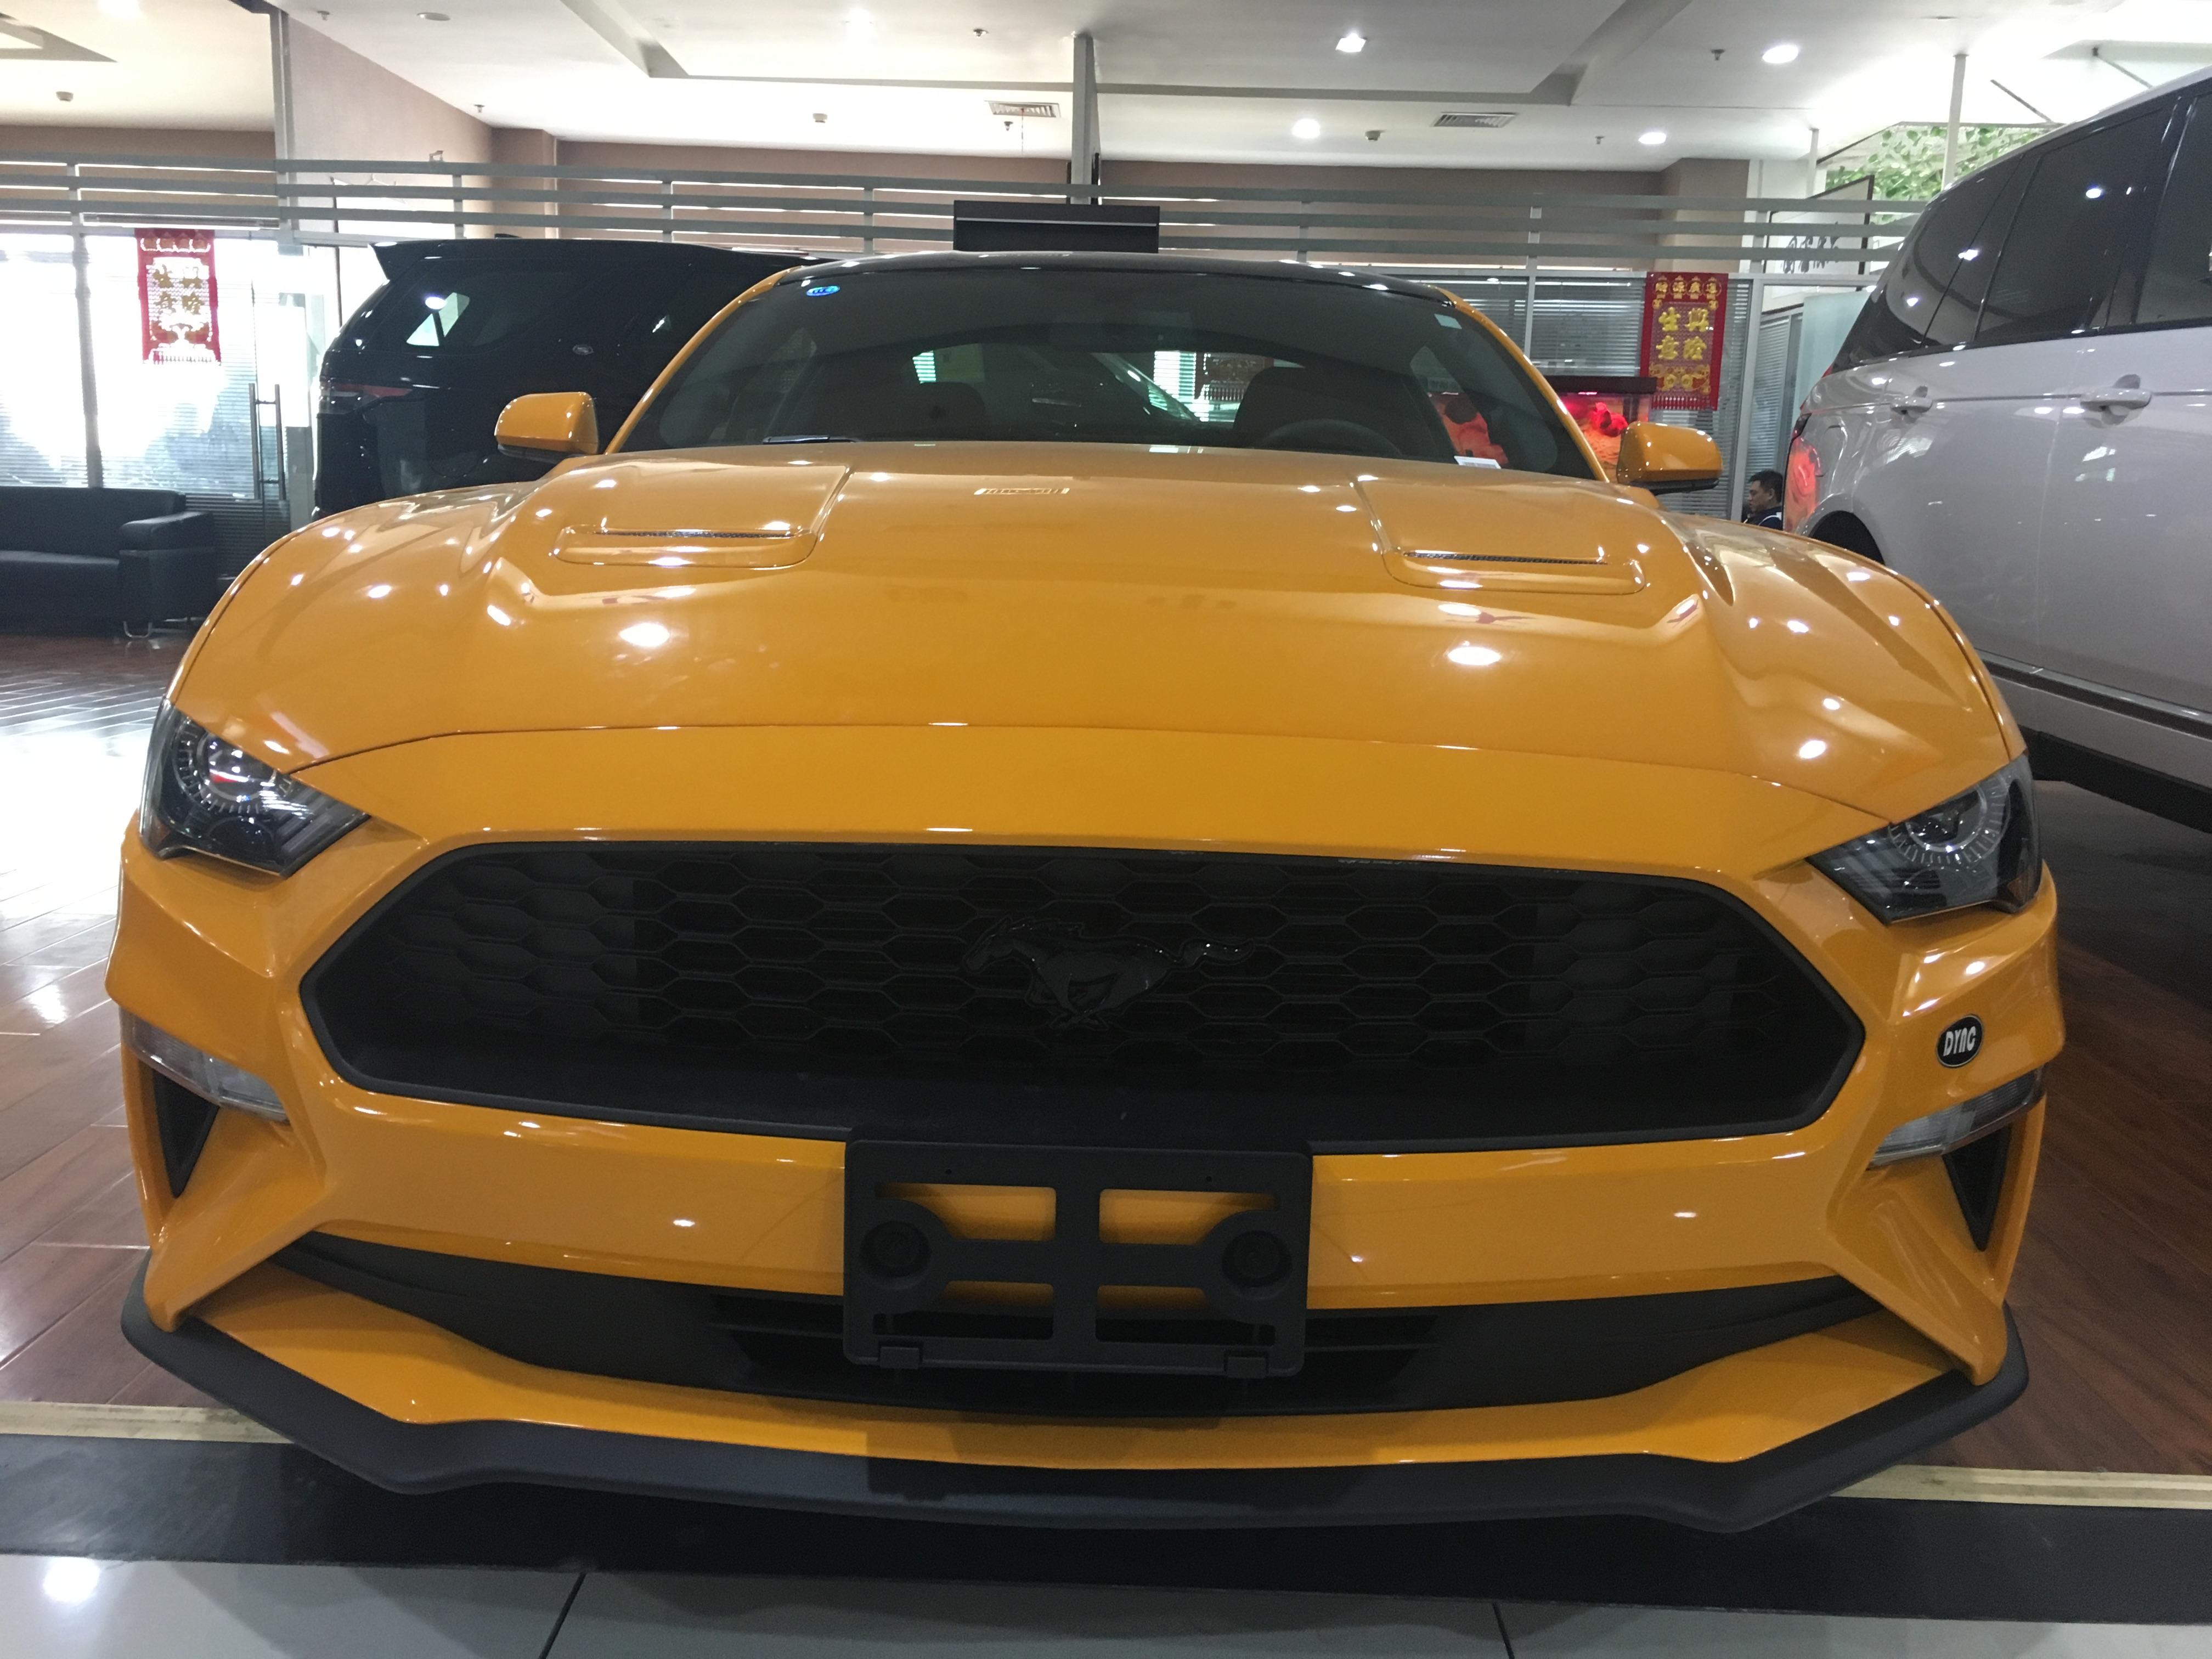 2018款福特野马2.3t 超惠价格燃爆津港